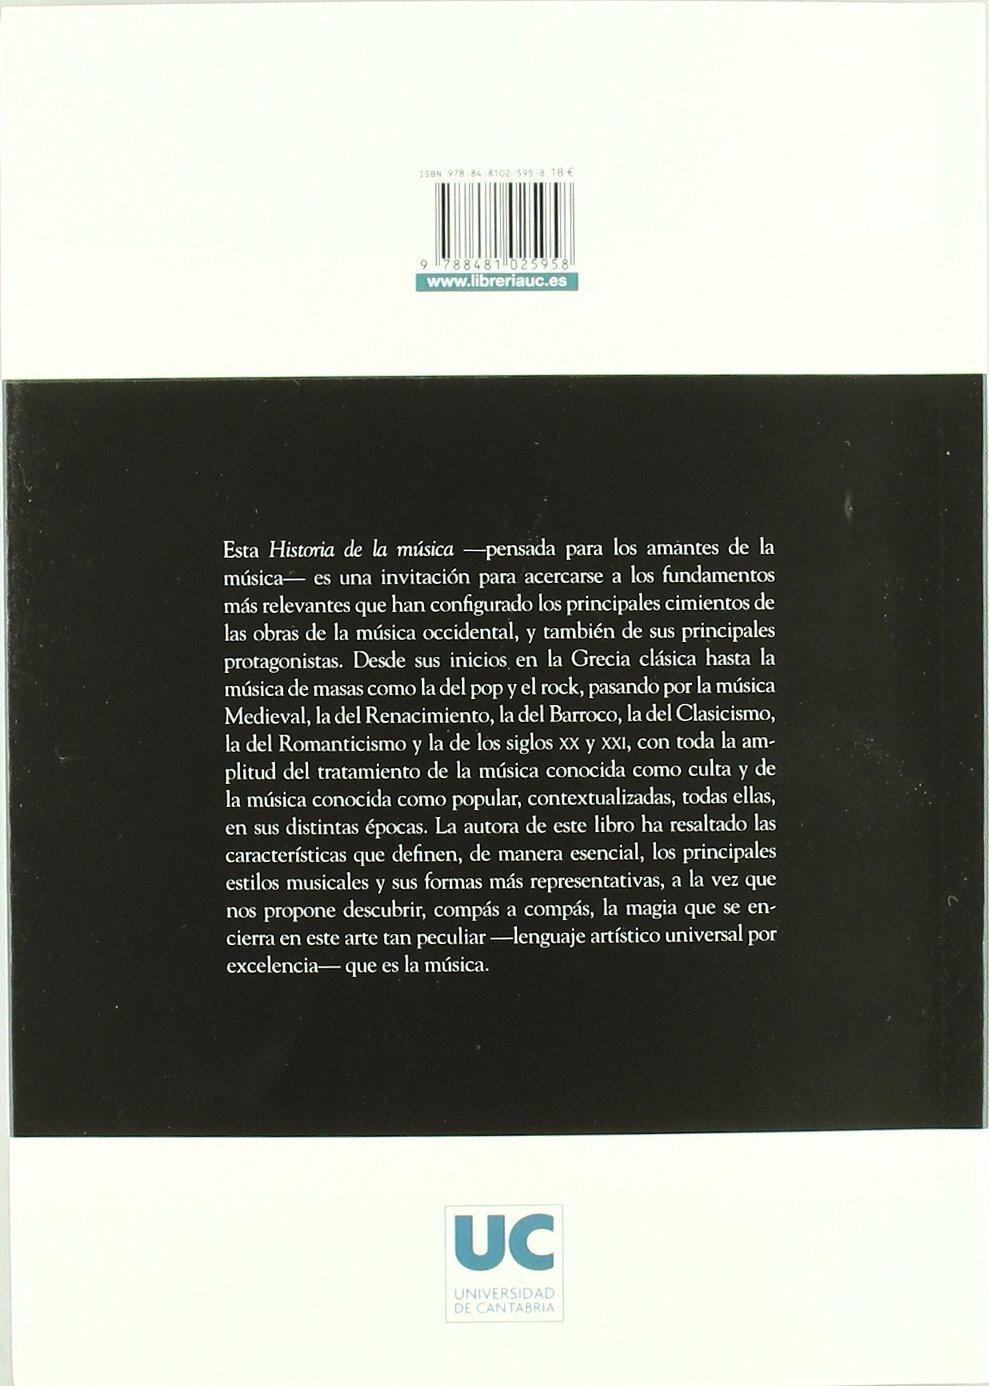 Historia de la música (2ª edición): Amazon.es: Magda Polo Pujadas ...